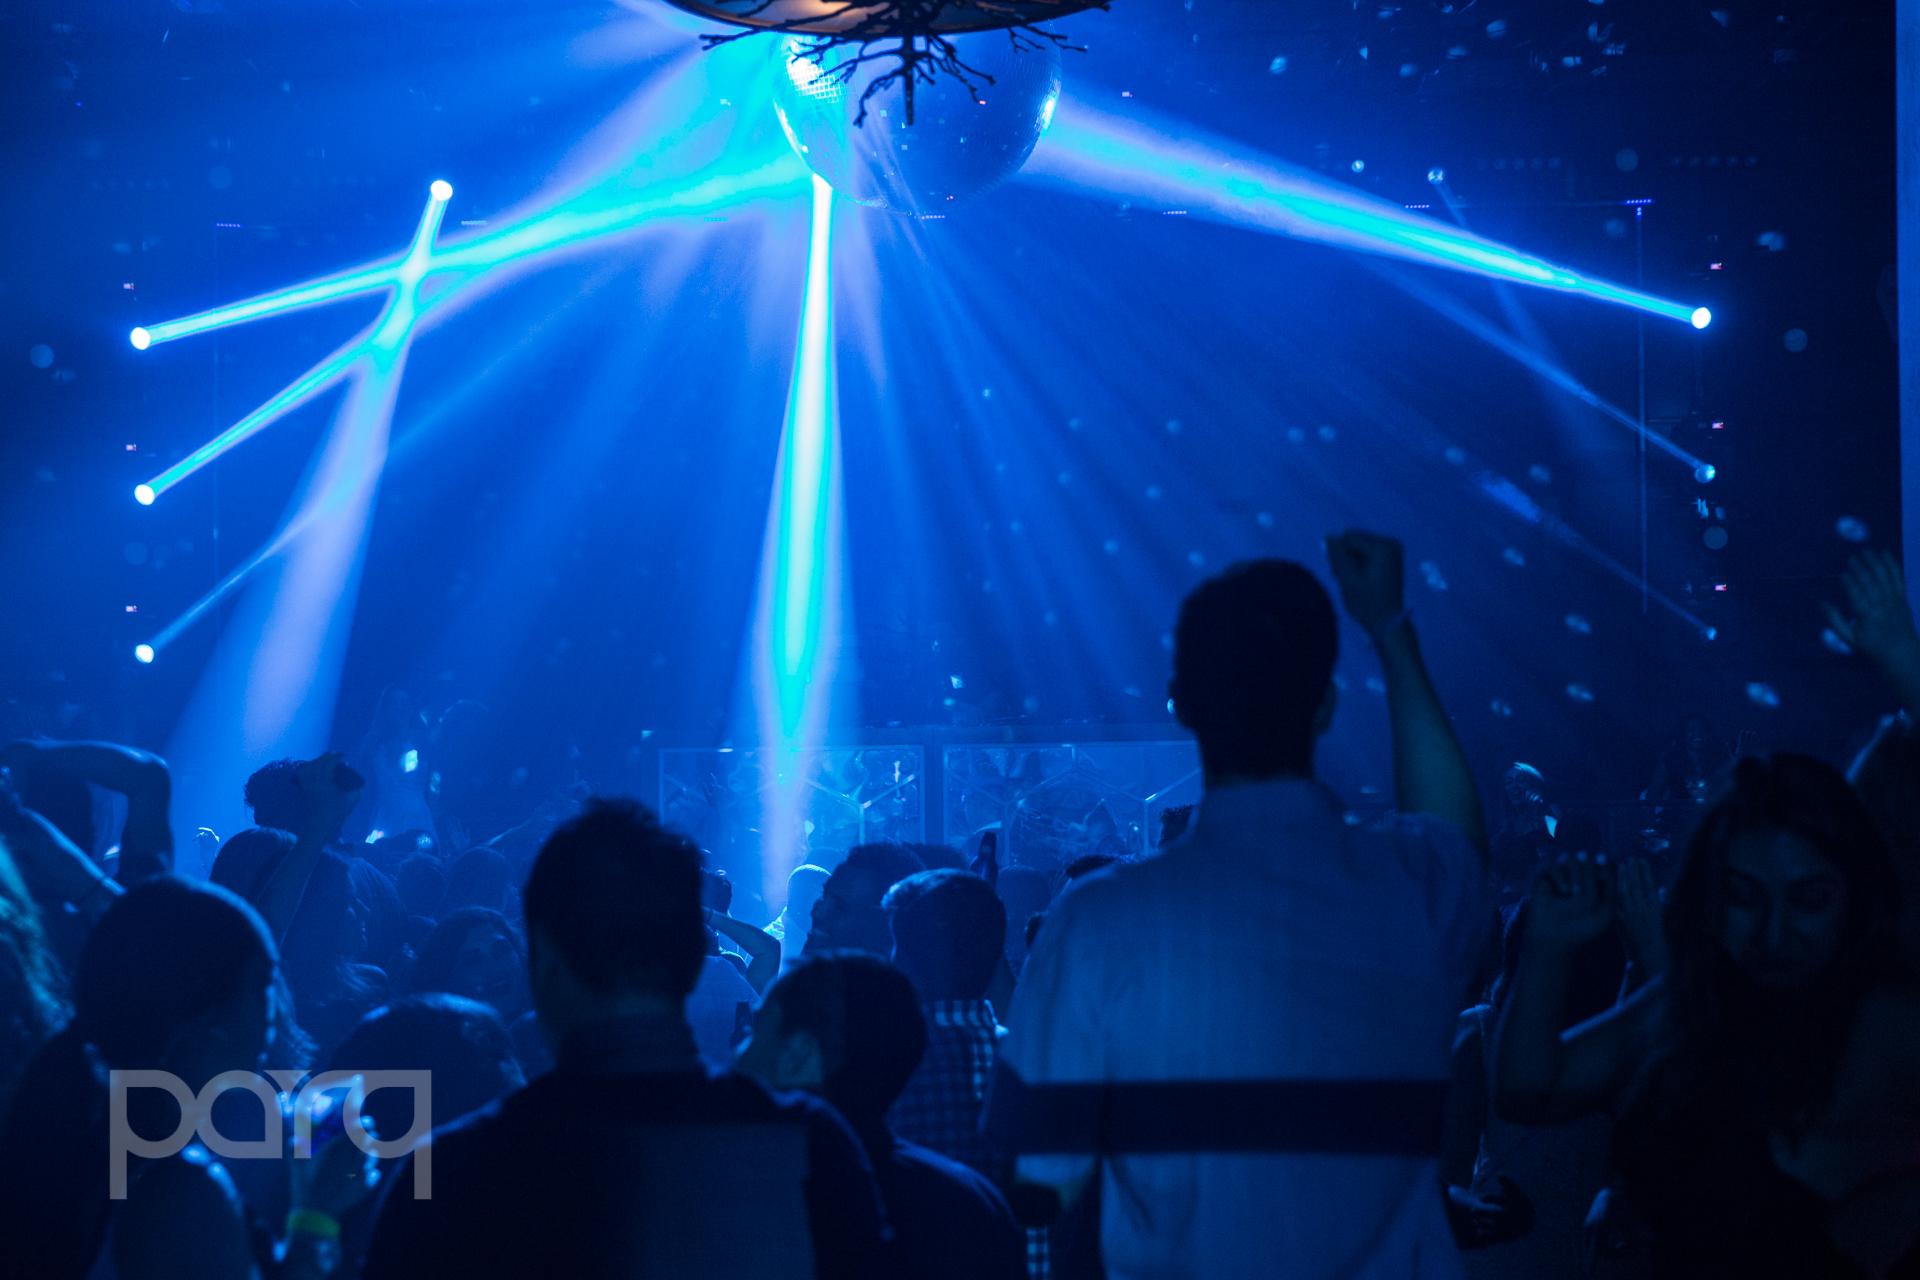 San-Diego-Nightclub-DJ Obscene-19.jpg